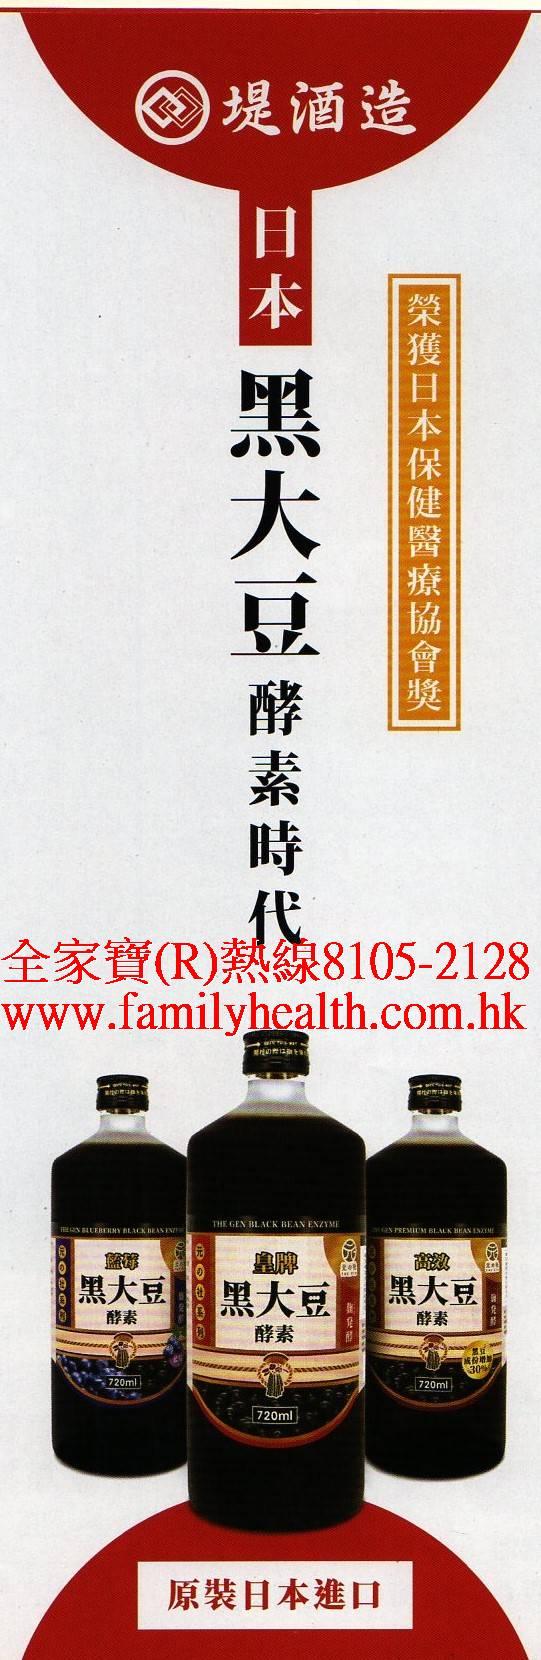 http://www.familyhealth.com.hk/files/full/1228_0.jpg